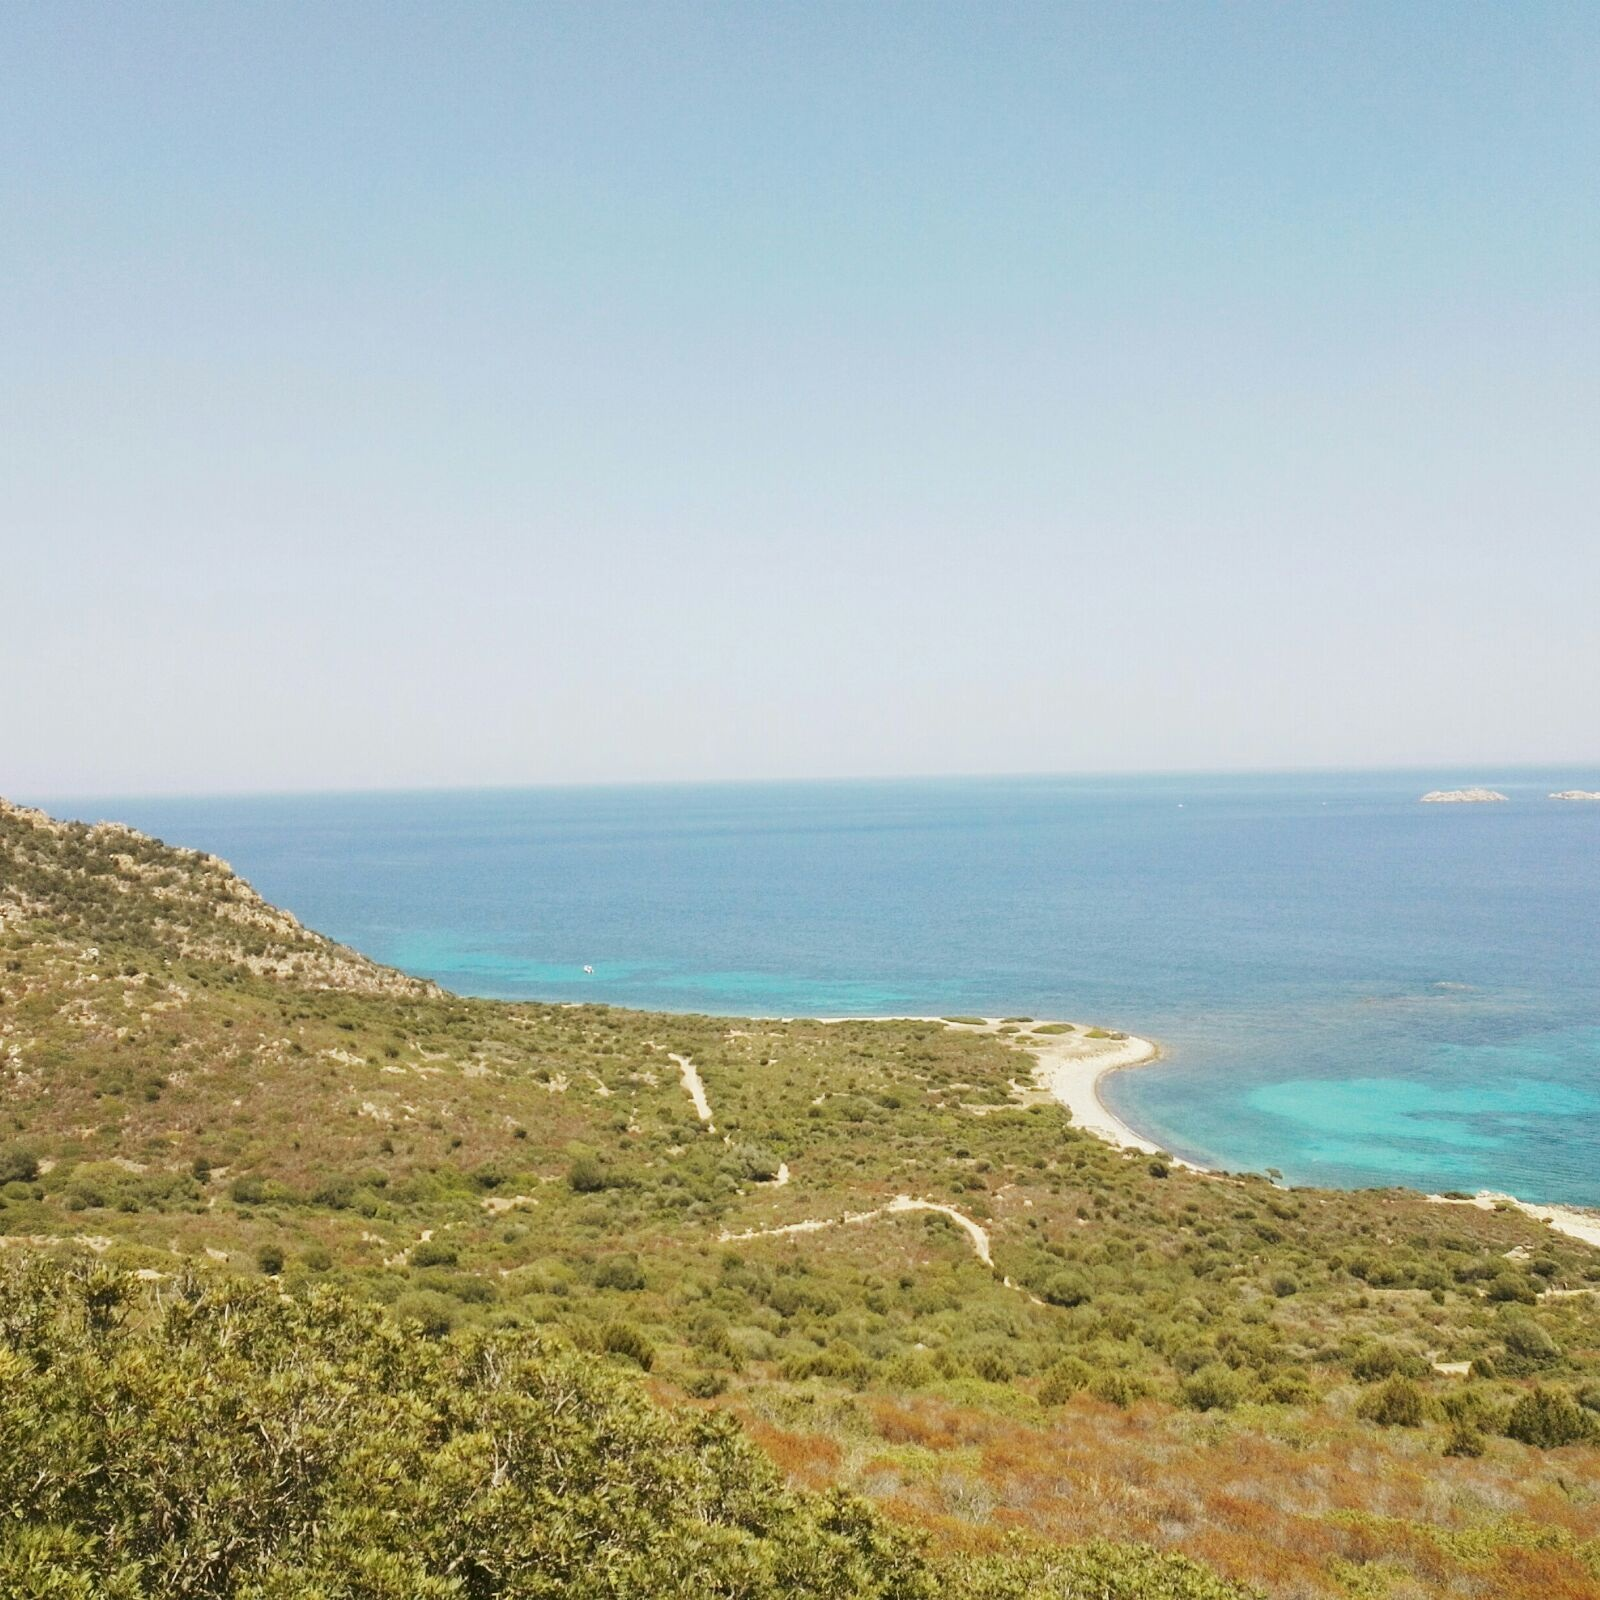 Un cheirinho a Cagliari, Carloforte e à costa de Sardenha - Doramatos.com